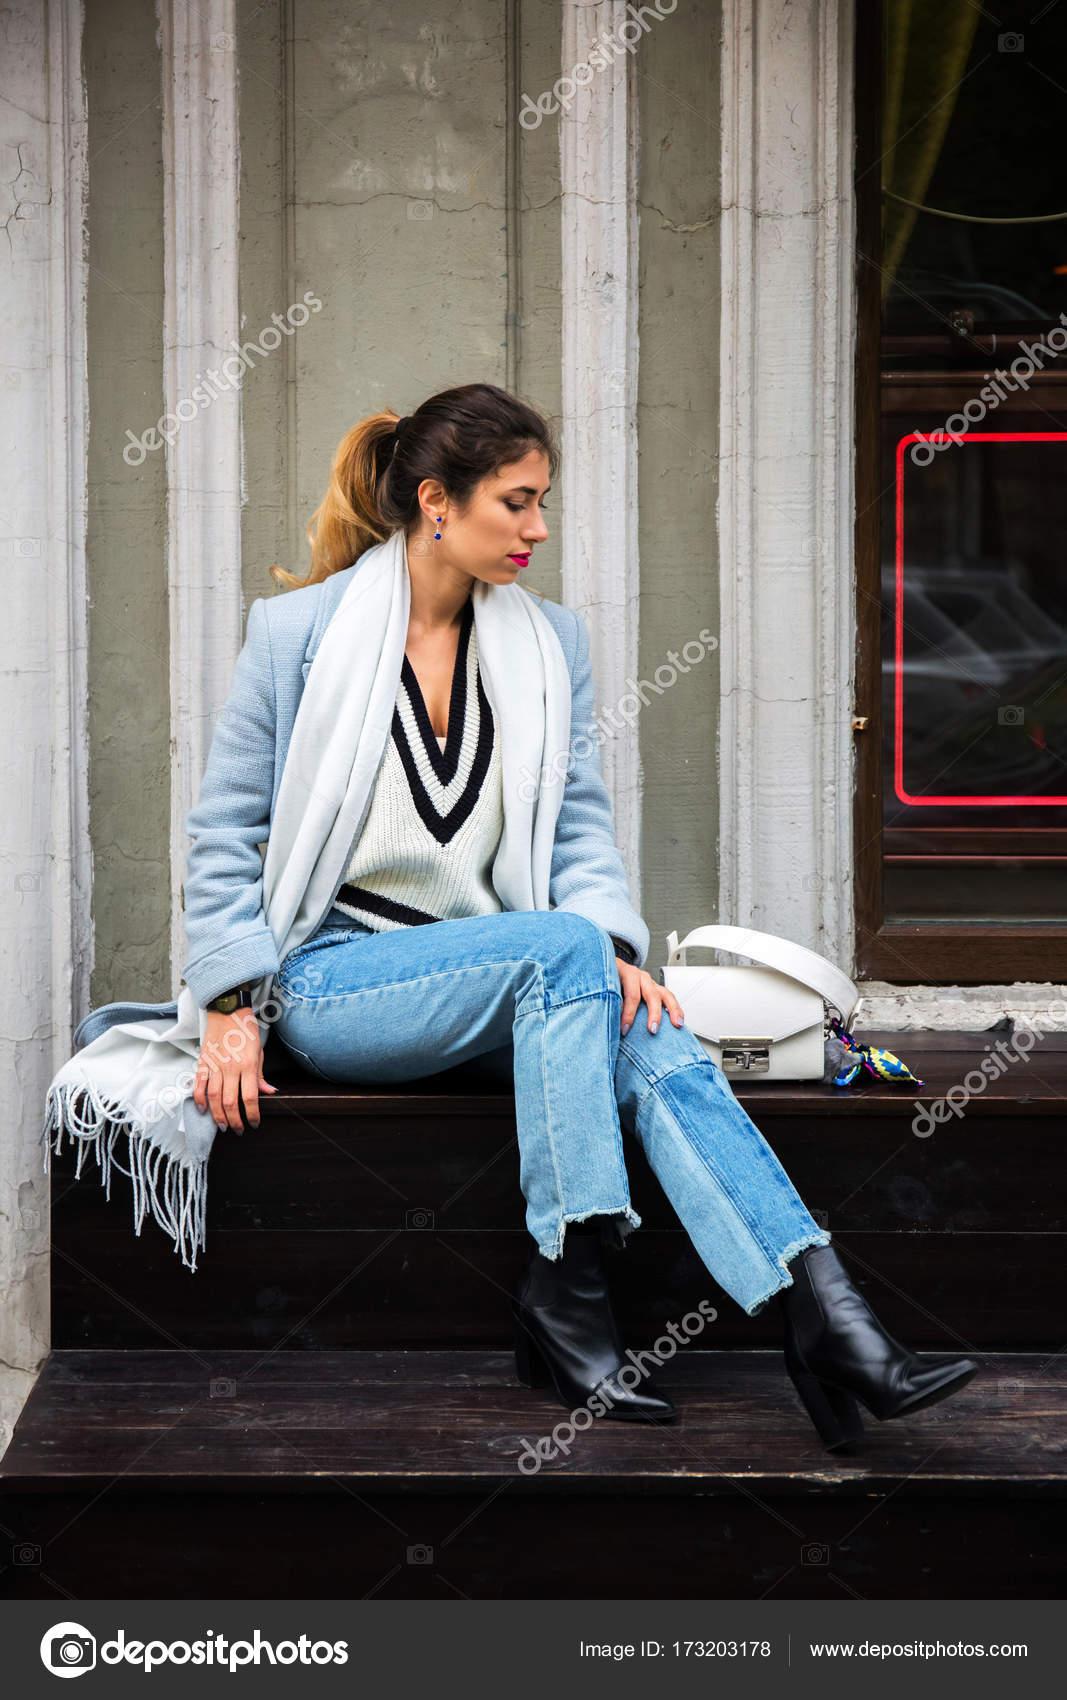 84fed083643d Ritratto all'aperto completo del corpo della ragazza di moda bella giovane  che posa sulla strada.